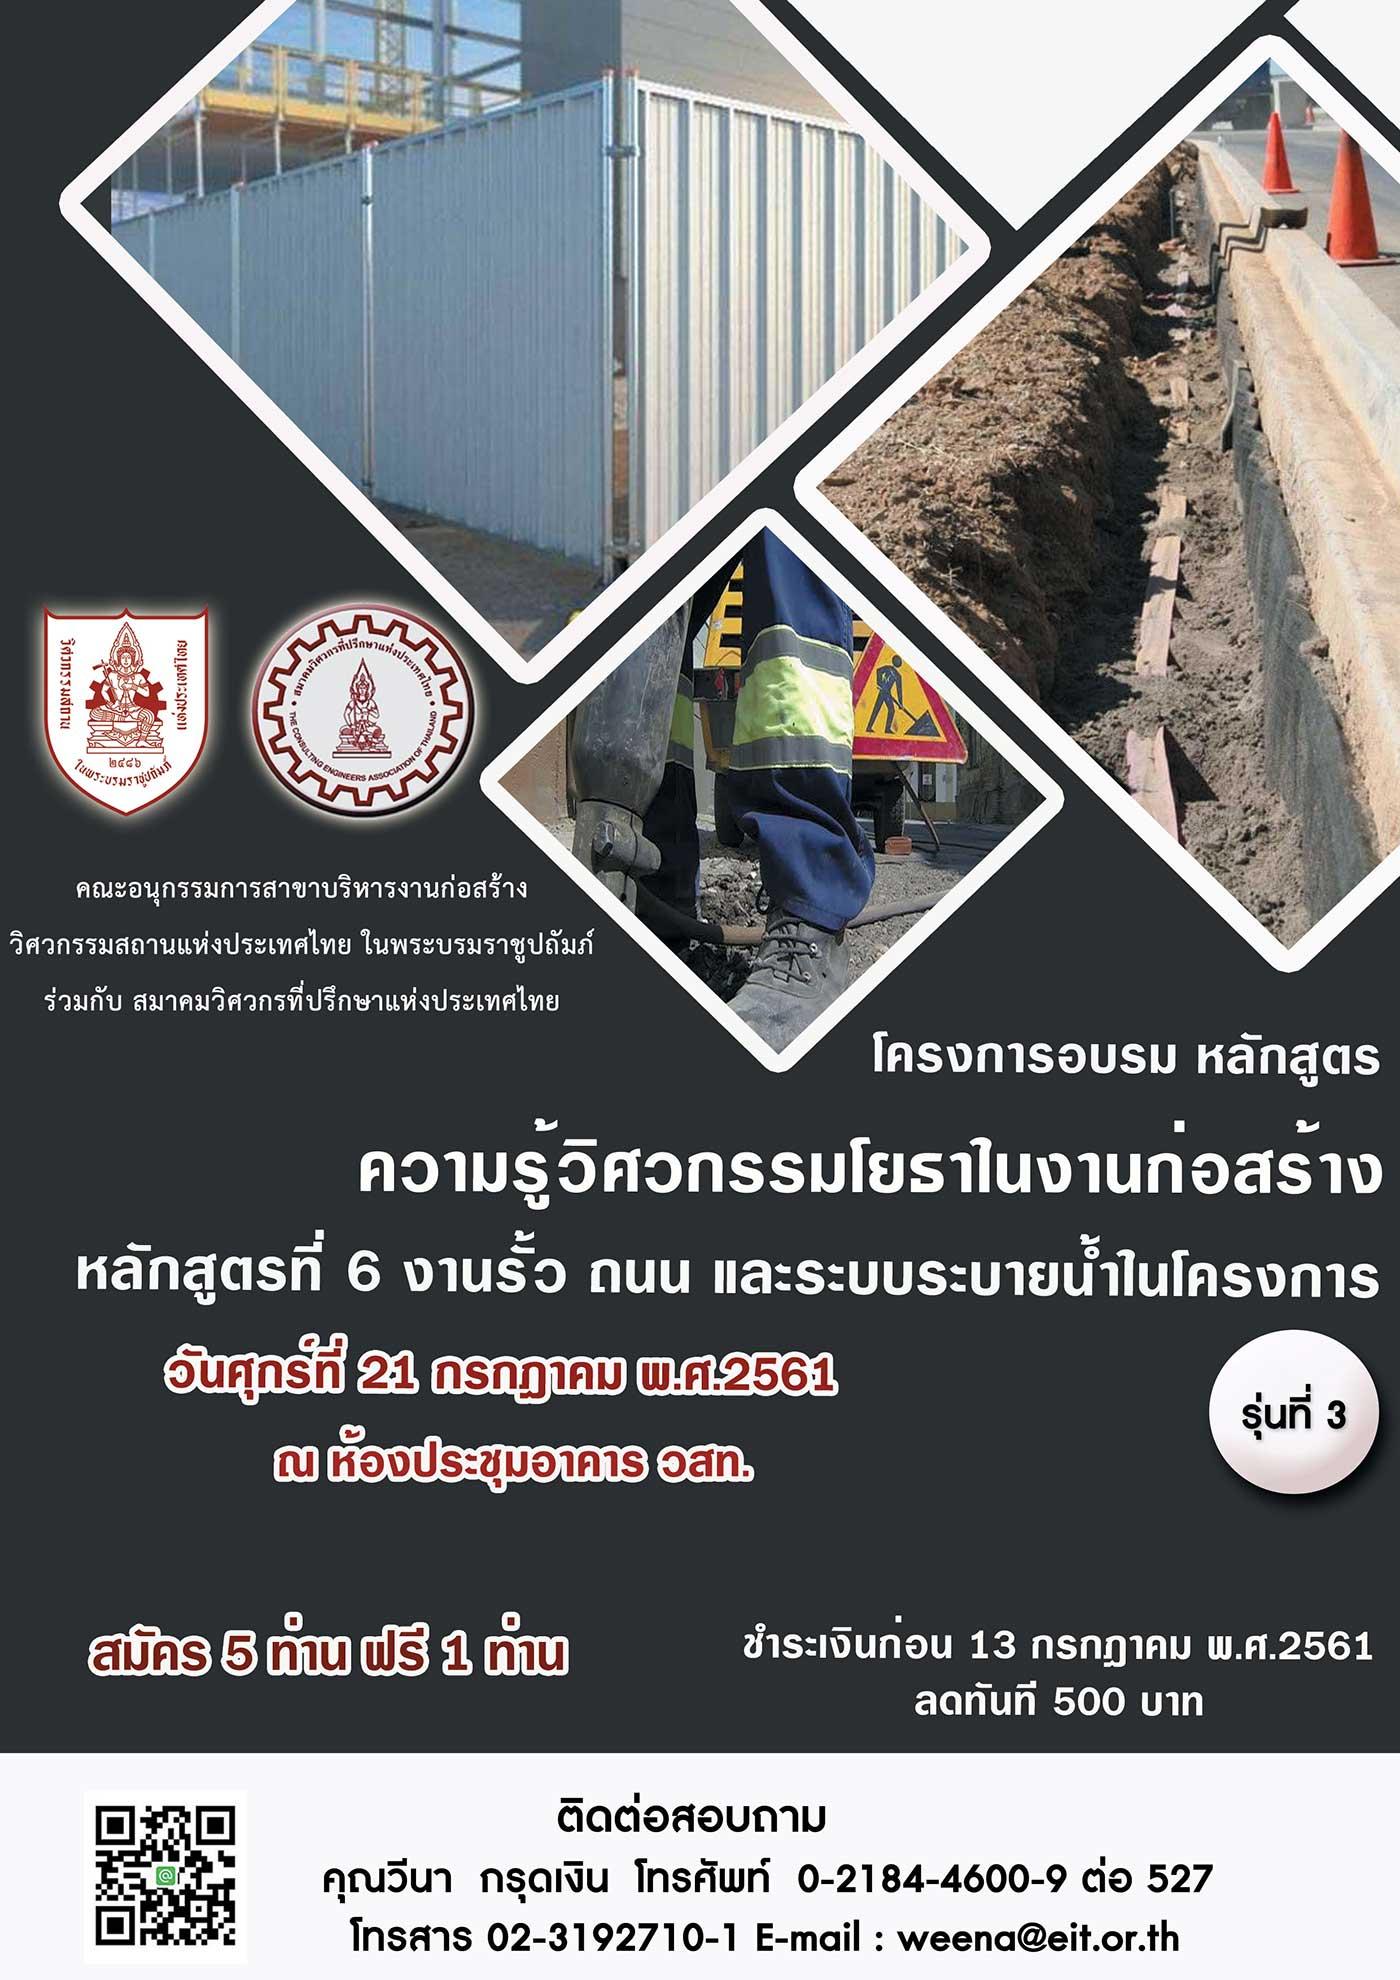 21/7/18 โครงการอบรมความรู้วิศวกรรมโยธาในงานก่อสร้าง รุ่นที่ 3 : Module 6 : งานรั้ว ถนน และระบบระบายน้ำในโครงการ